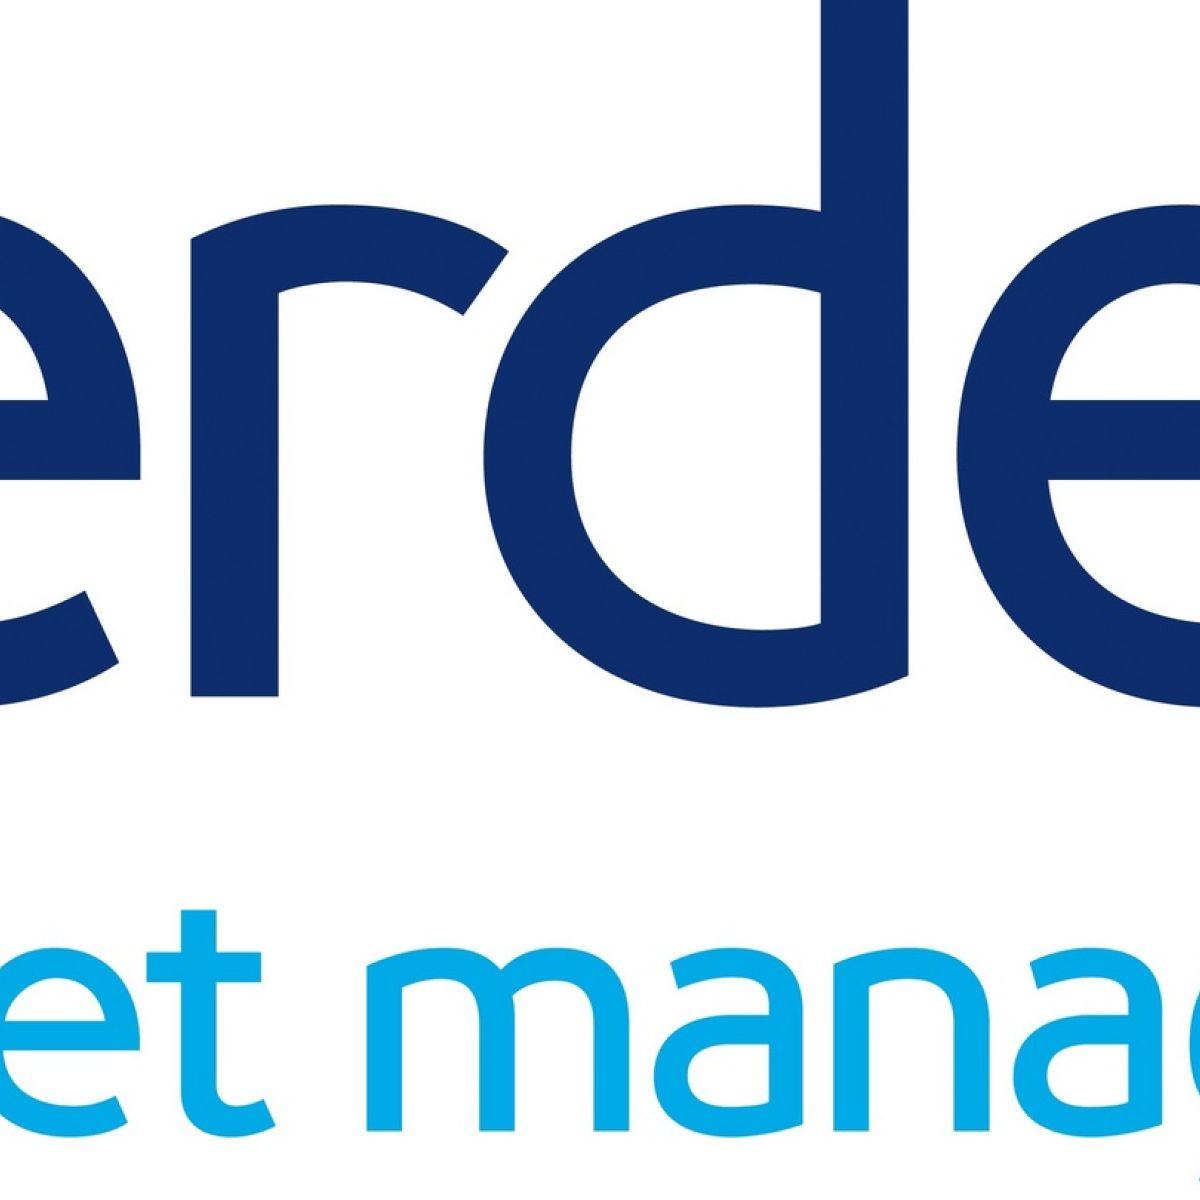 Pretax profits down 28% at Aberdeen Asset Management